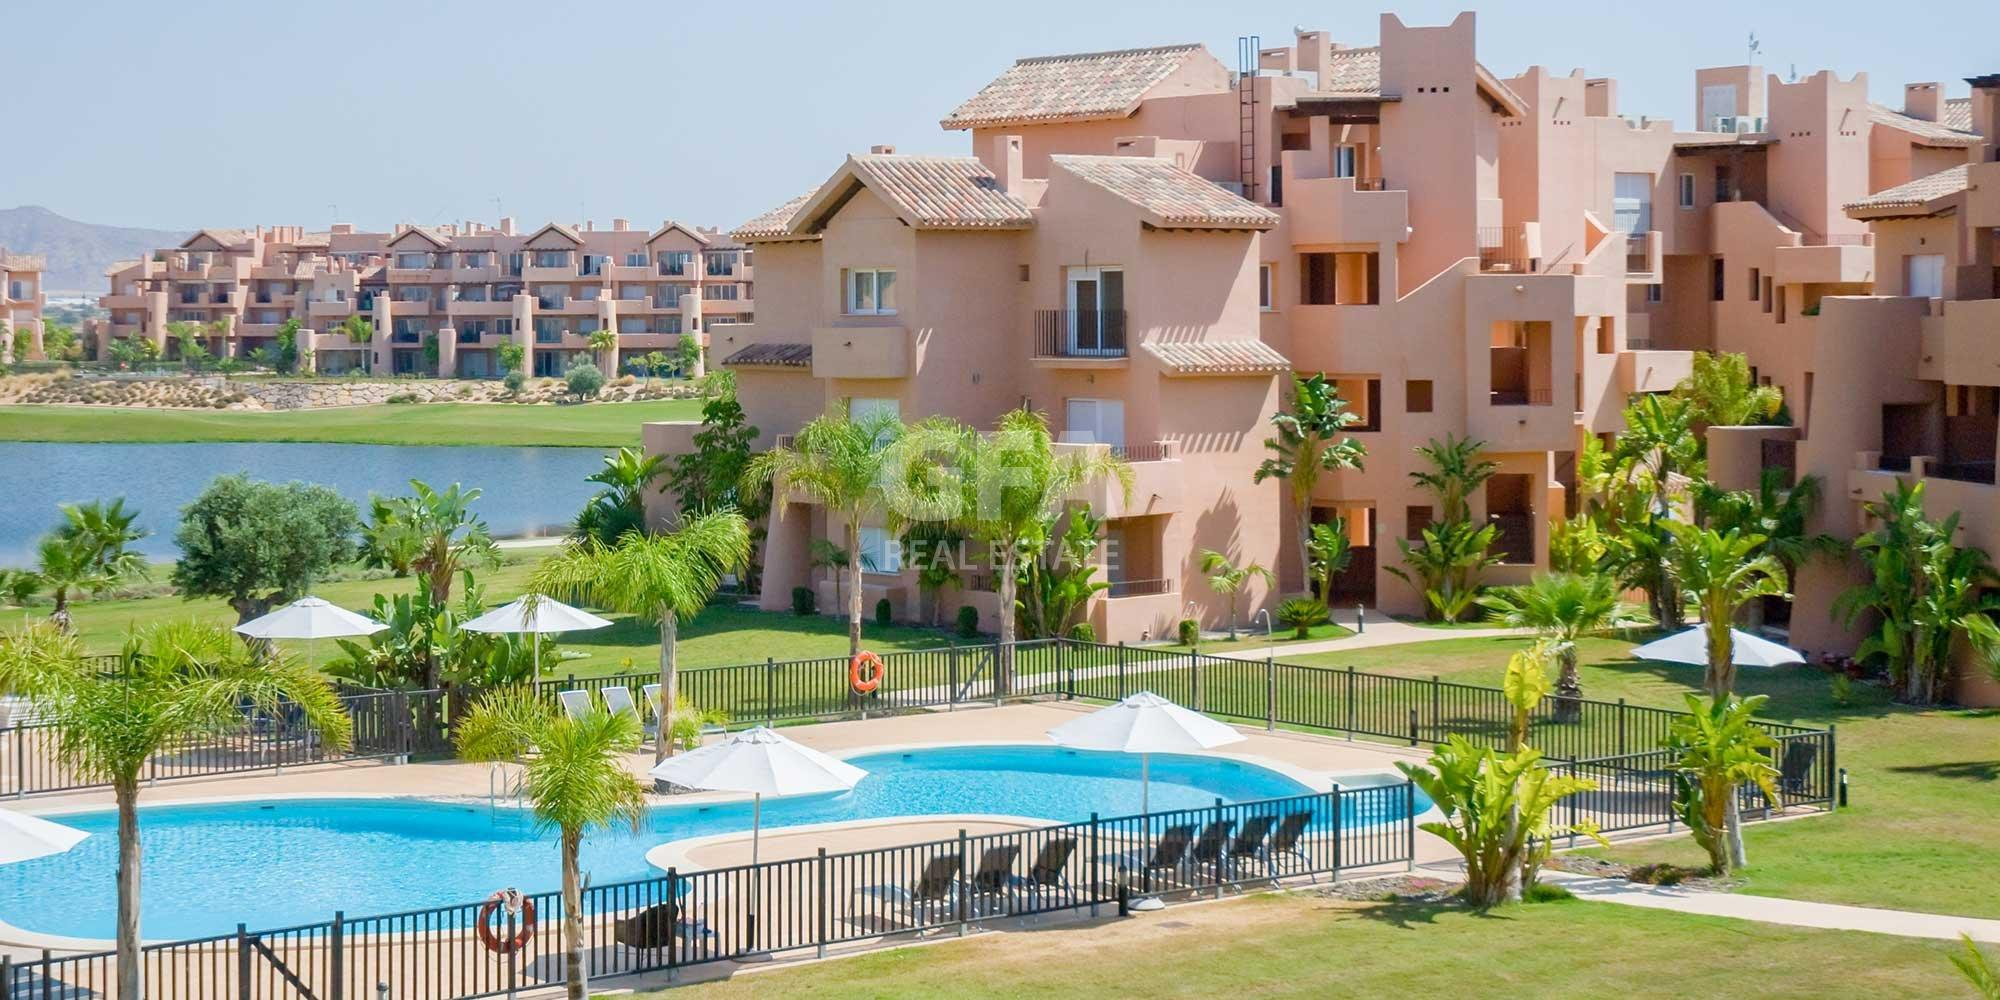 Residencial obra nueva Mar Menor Golf Resort piscina y zonas comunes